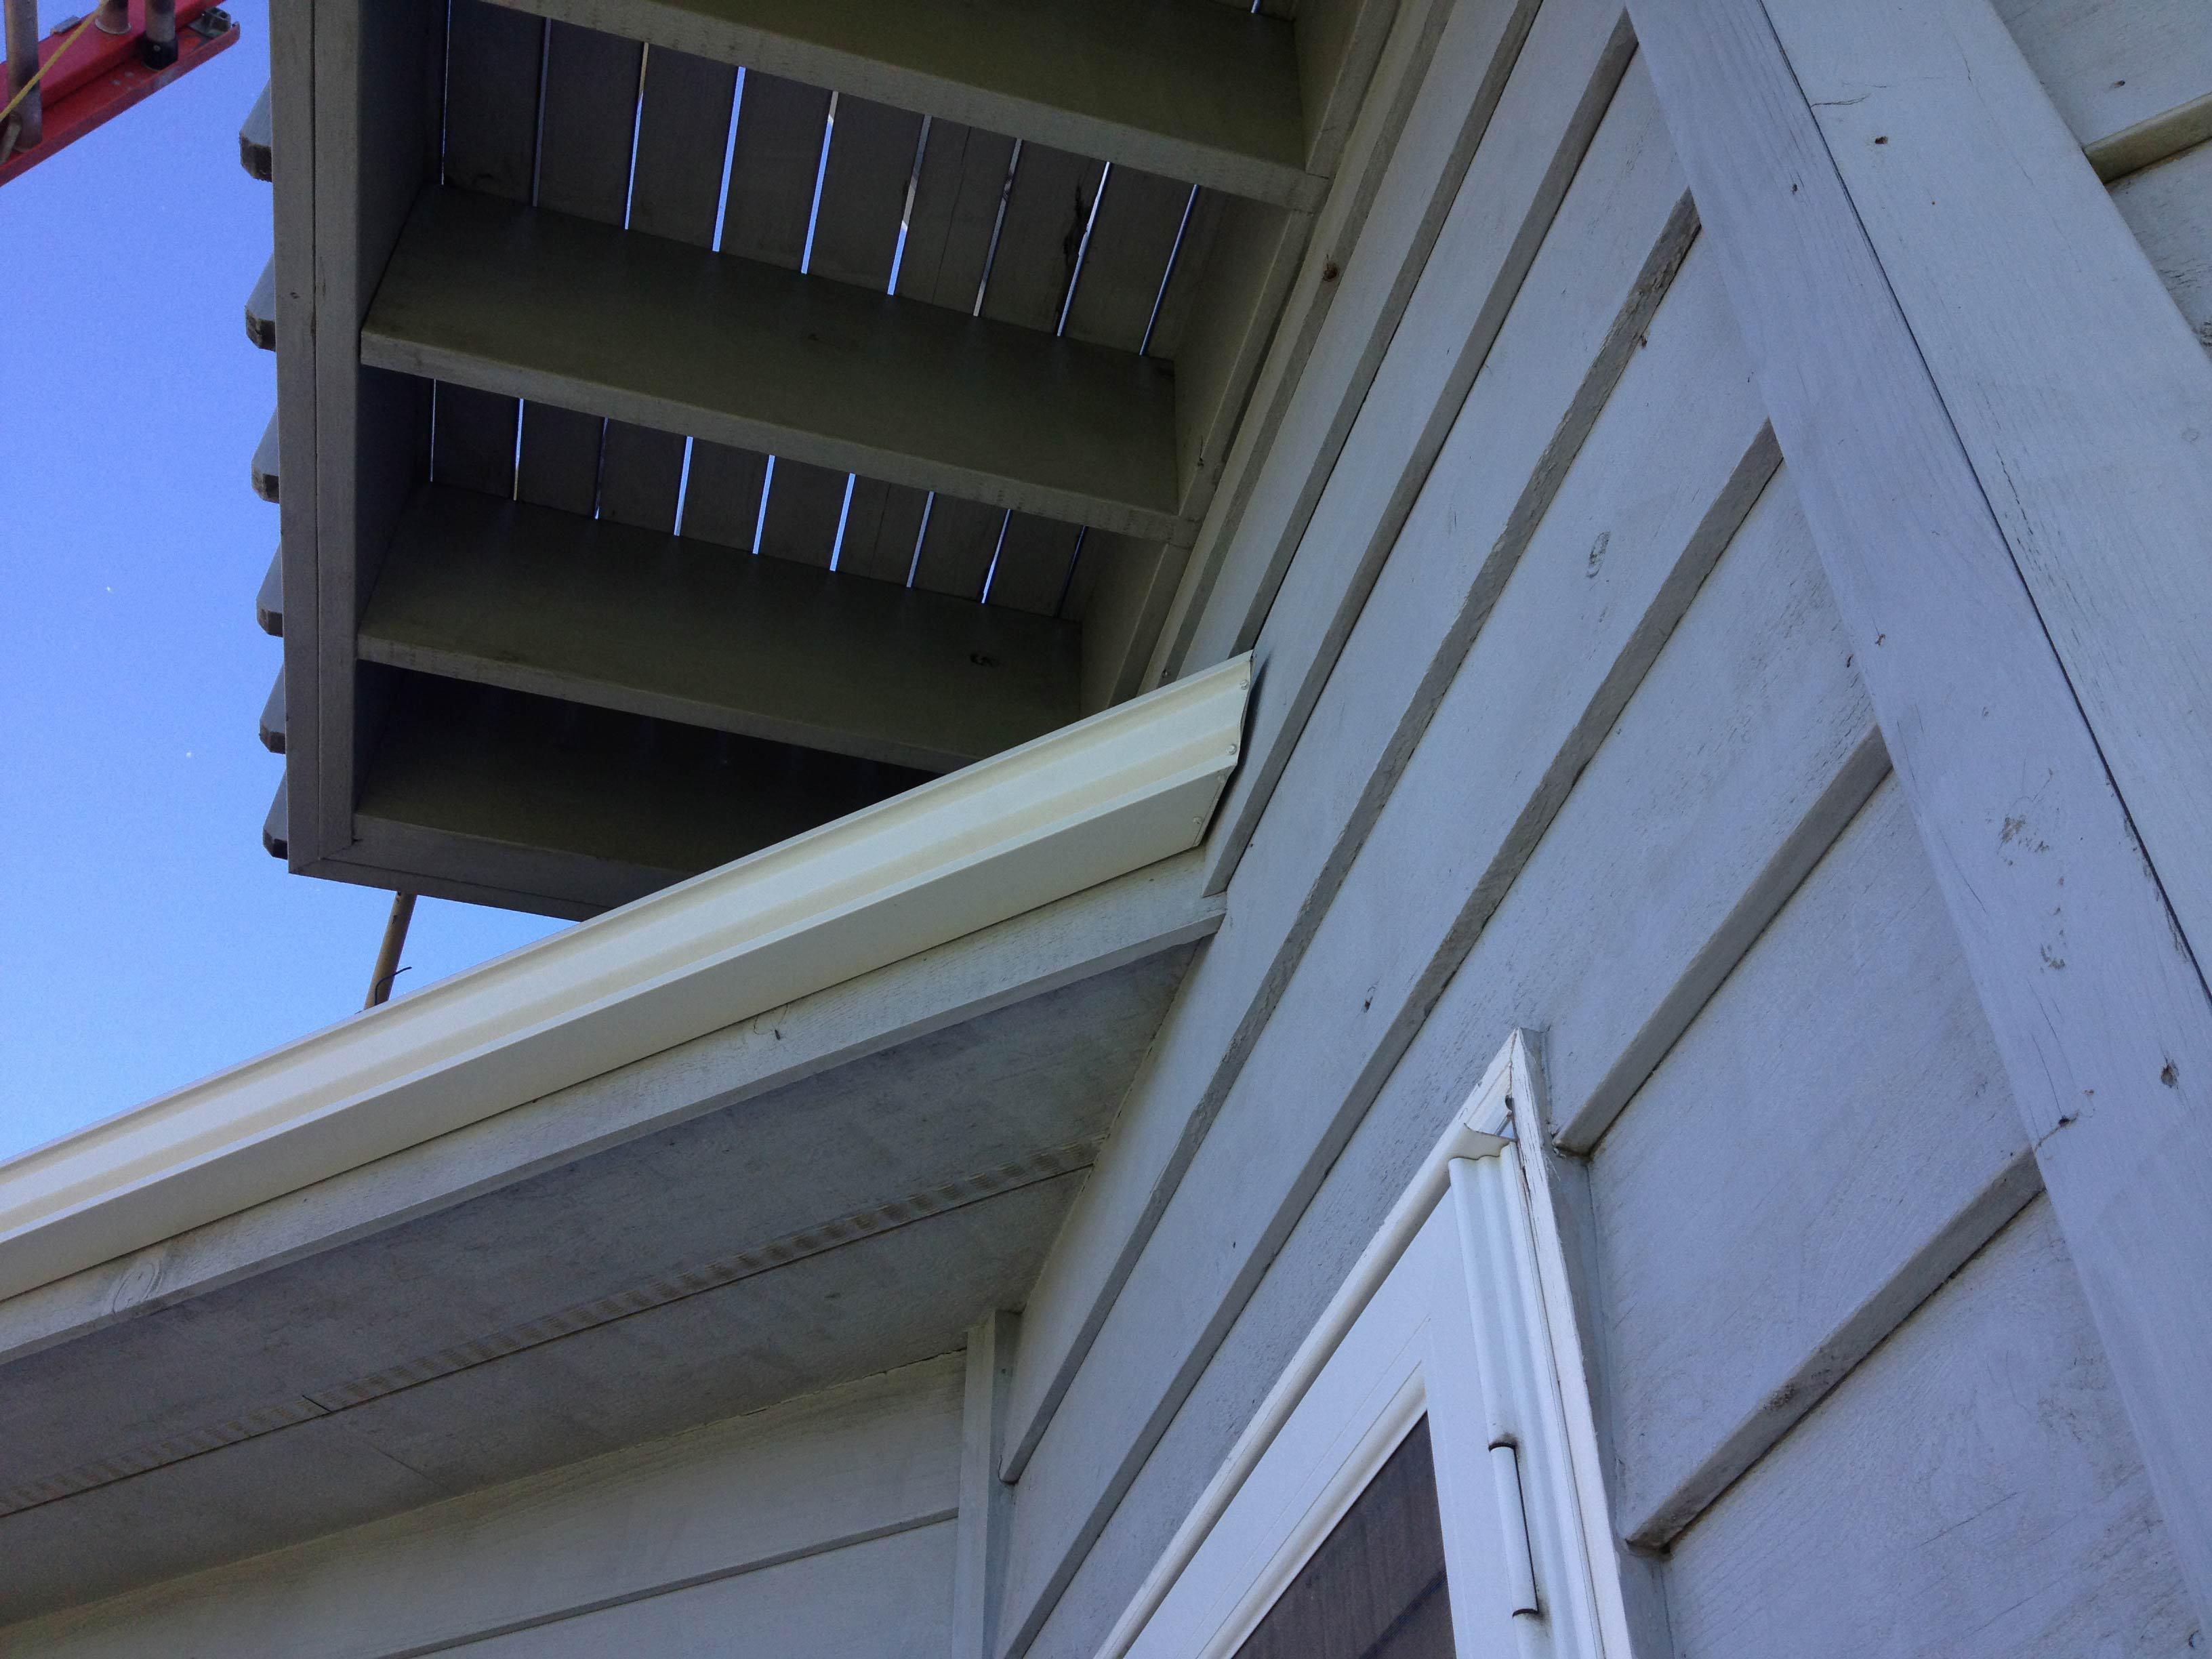 Seamless gutter install